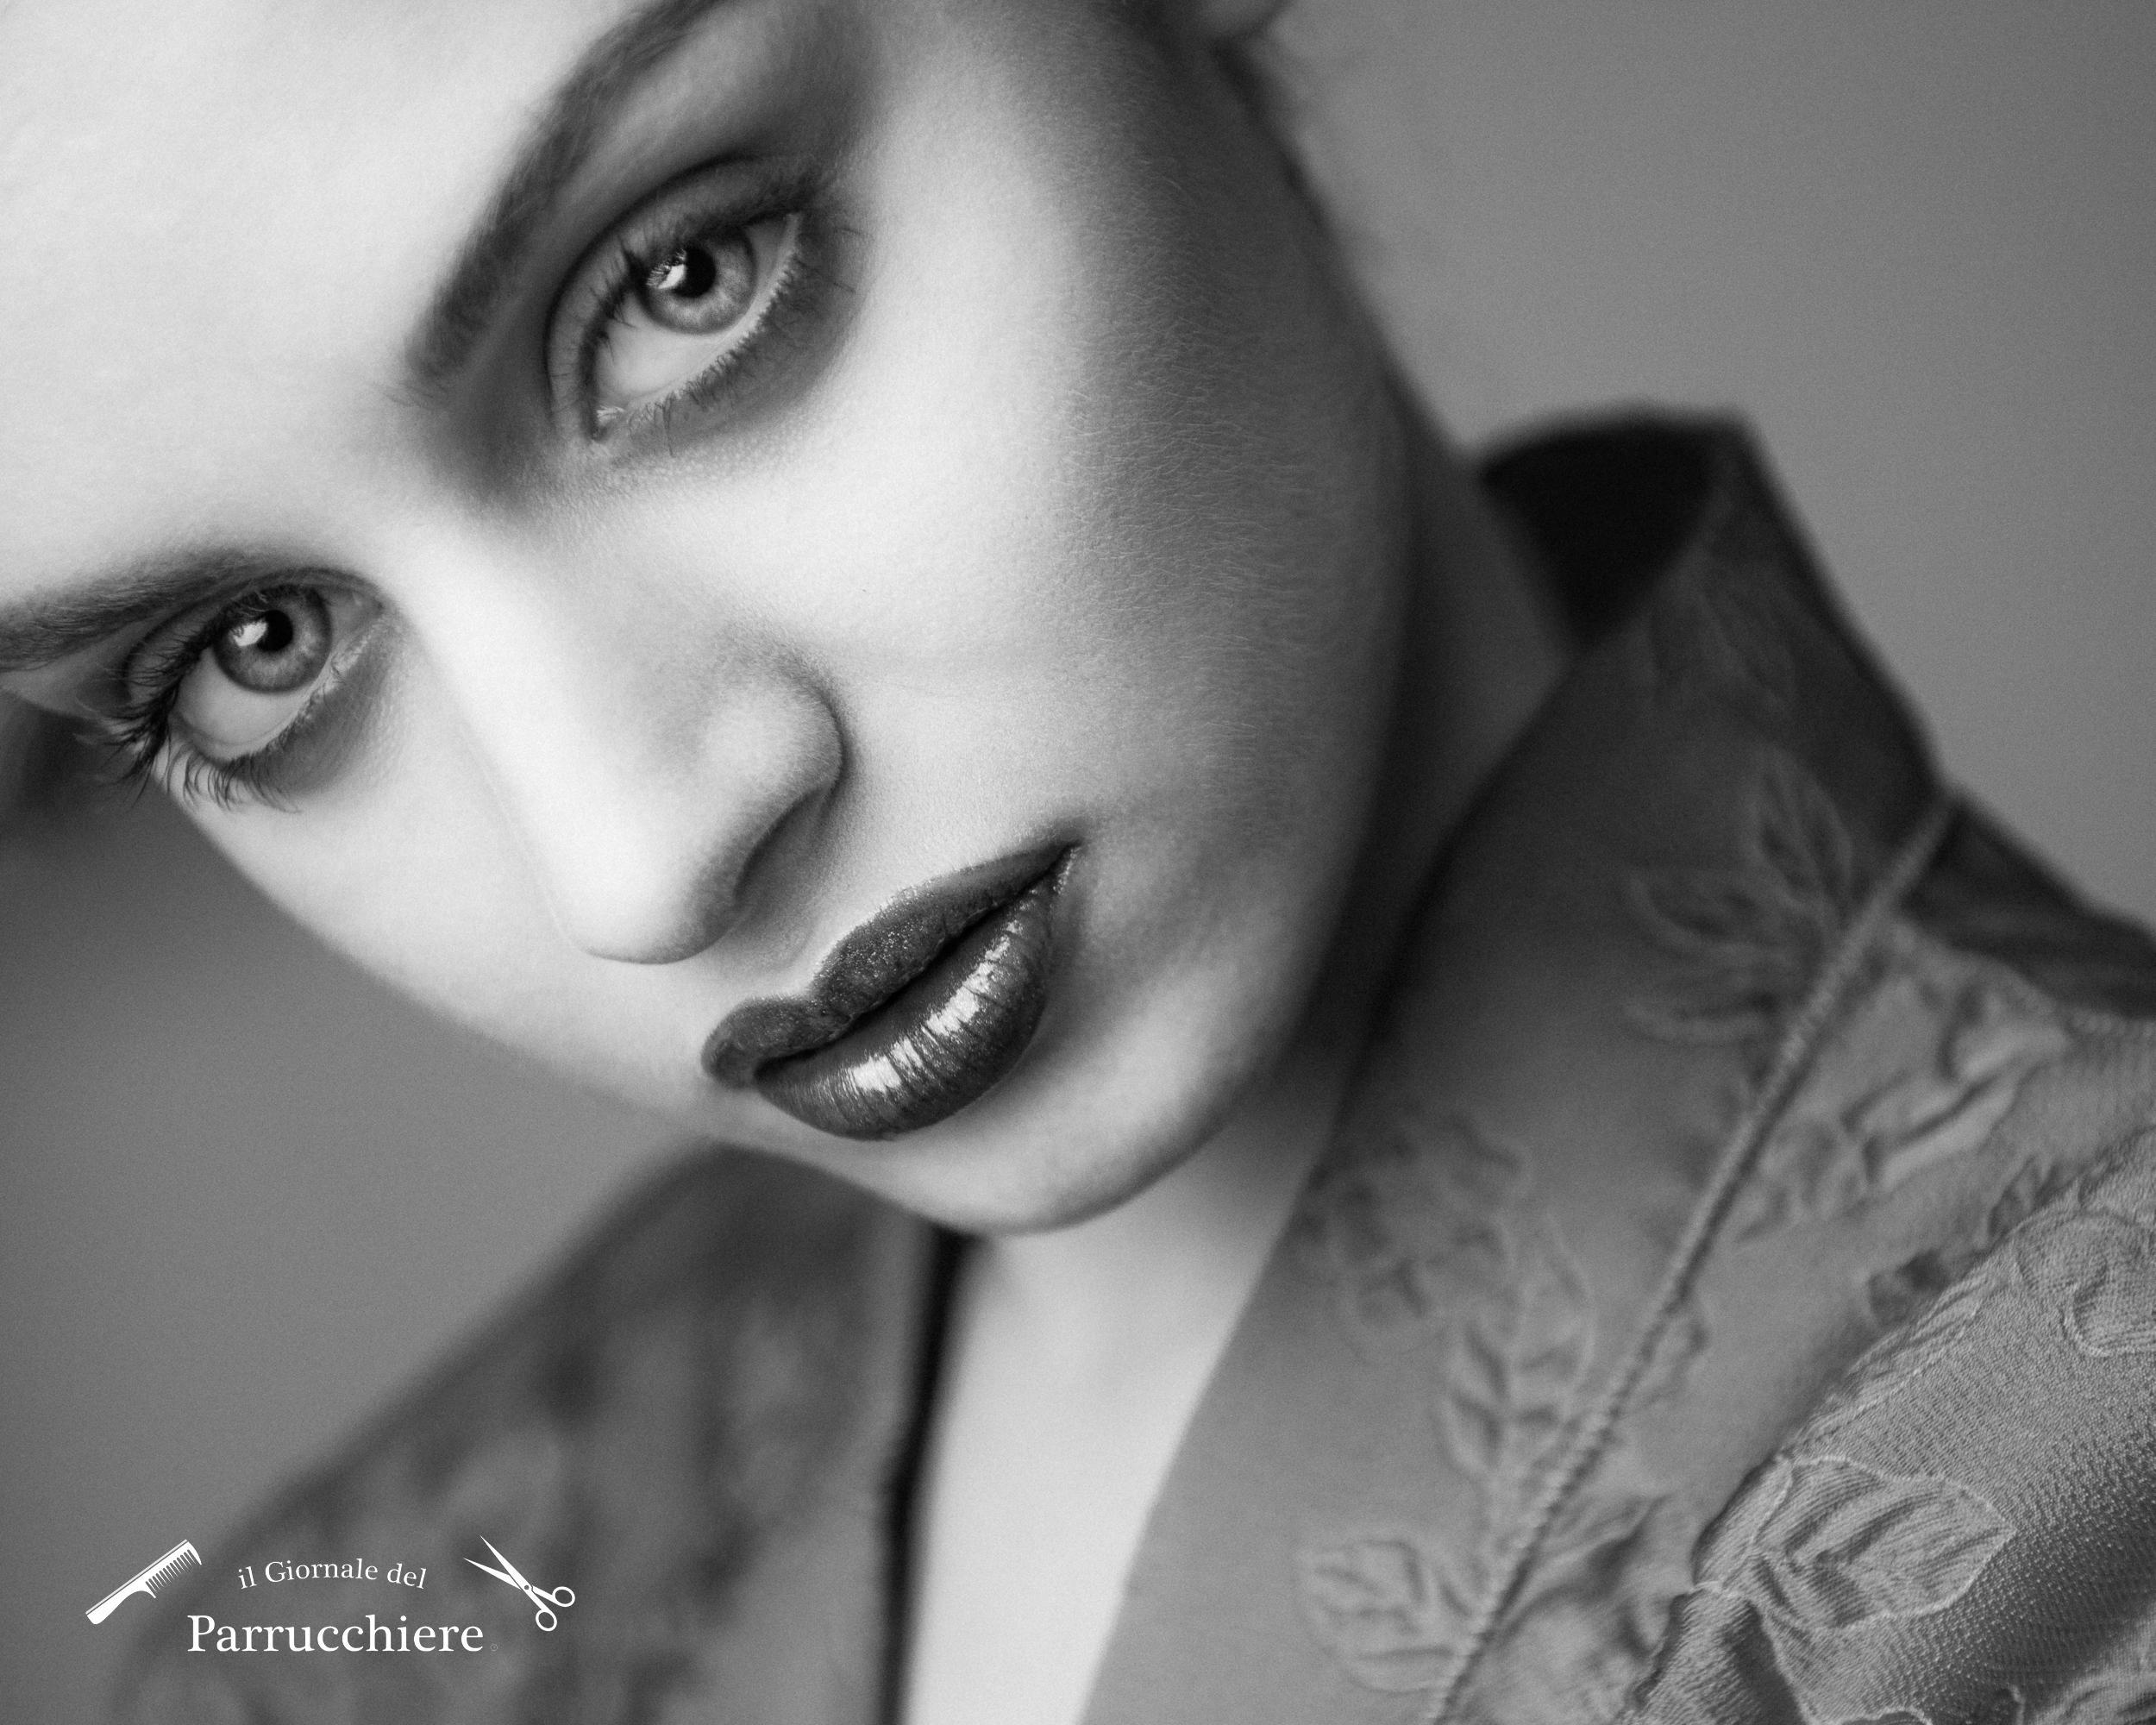 Erika Epifania, Make up Artist, Bari, il Giornale del Parrucchiere, Mariagrazia Fedele, Gioele de Liso